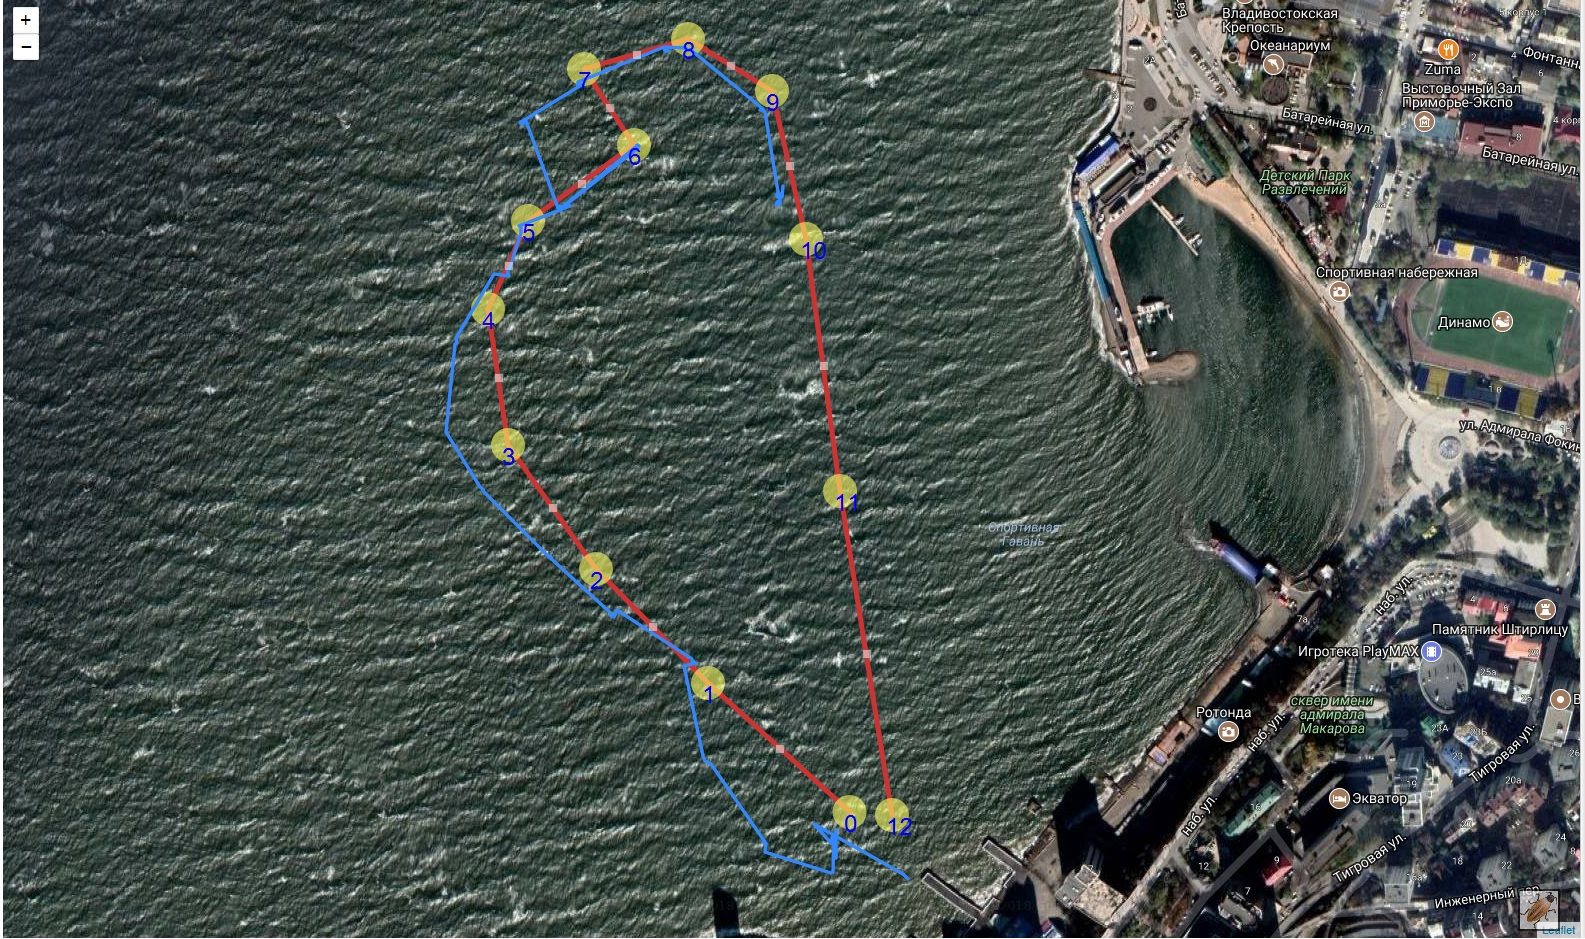 Трек прохода подводным глайдером маршрута соревнований по морской робототехнике